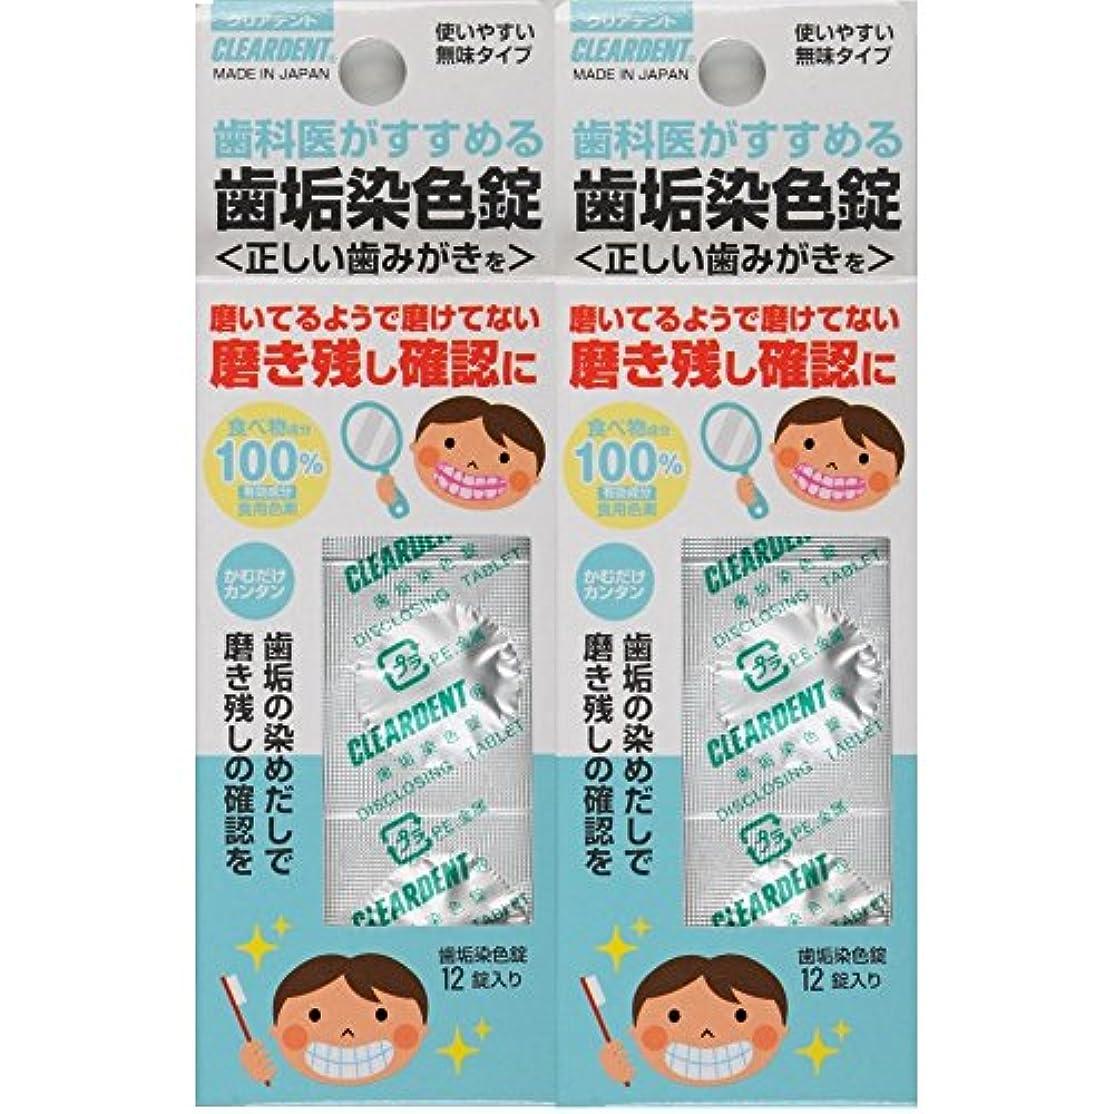 シャッター細い選挙クリアデント 歯垢染色錠 2個パック